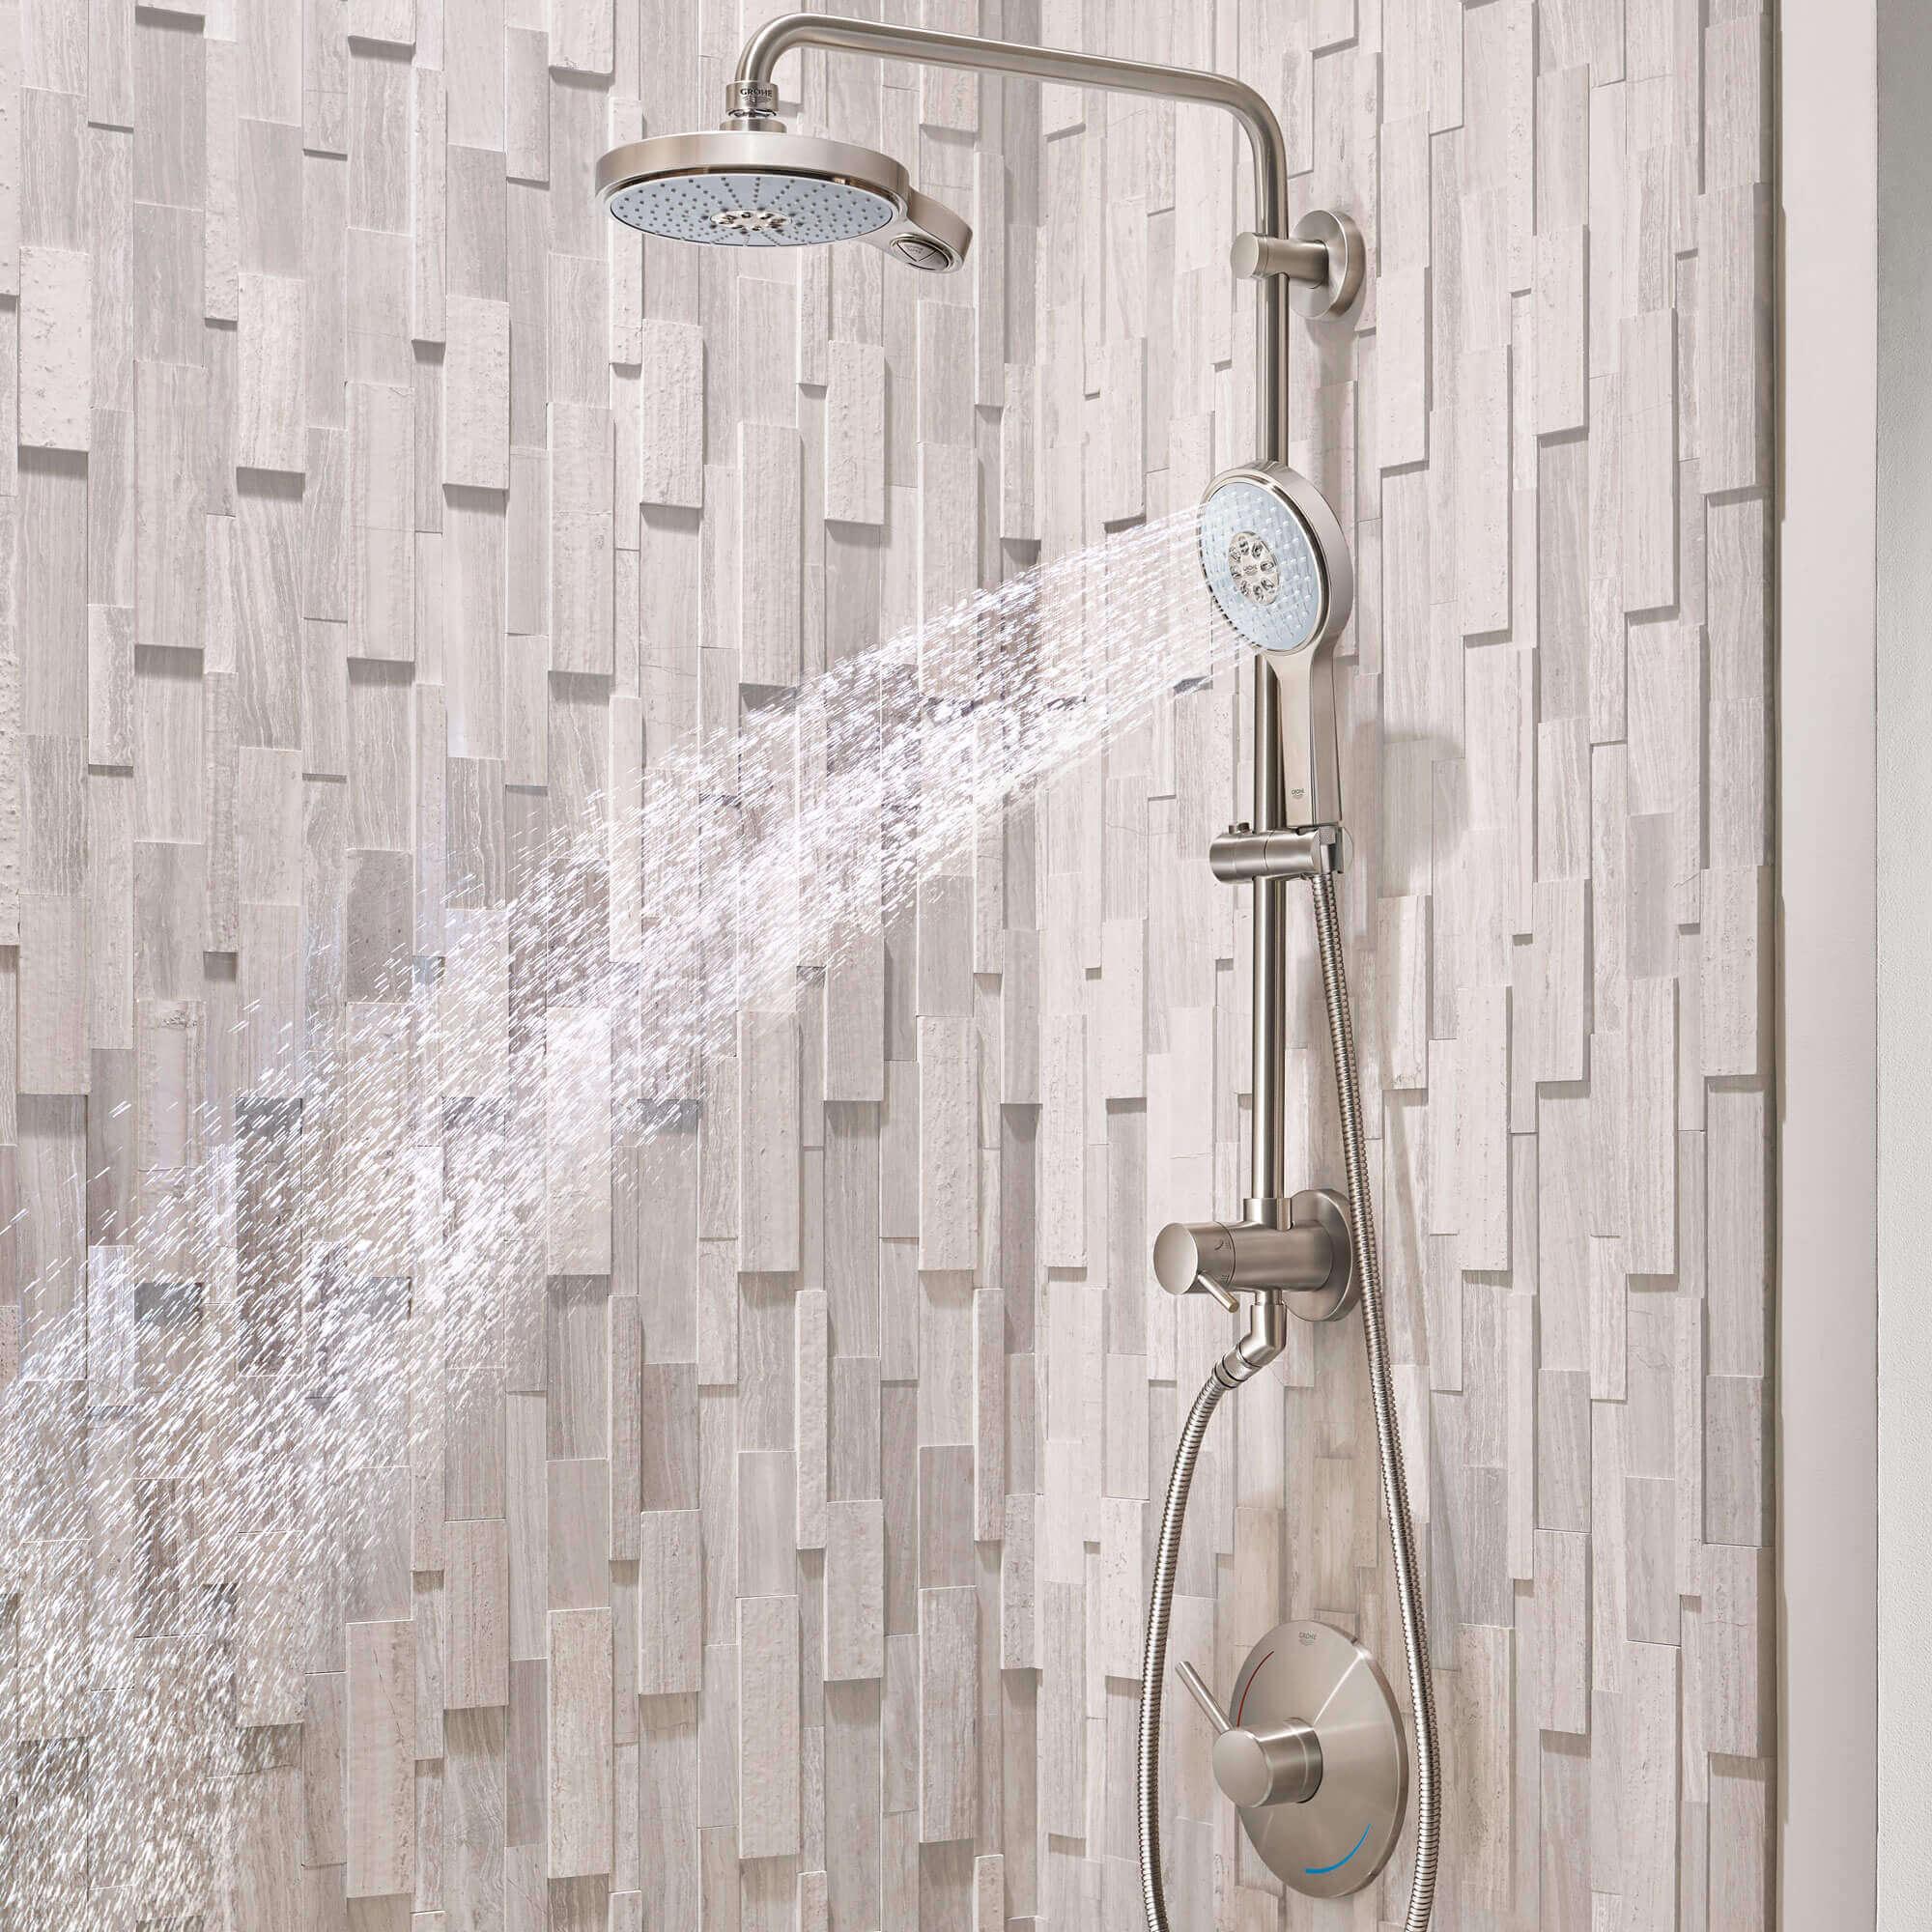 Rétro-forme de la salle de bain douche jaillissant de l'eau